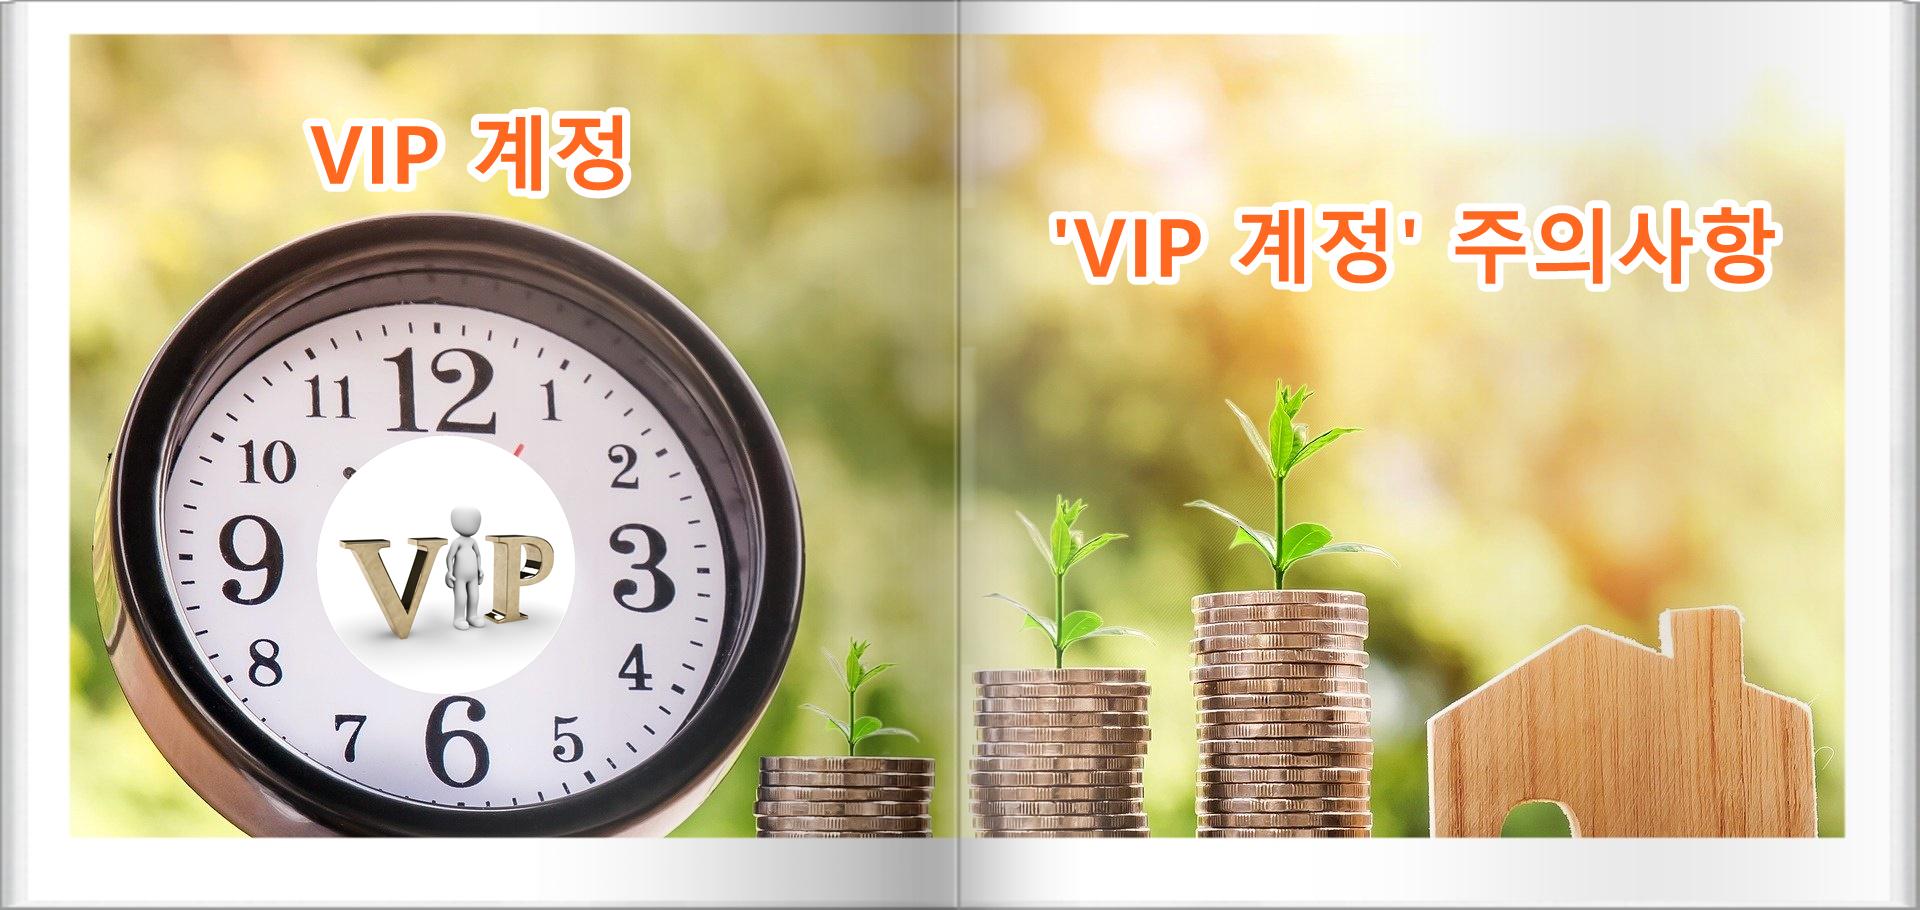 콕플레이(KOK-PLAY) 메뉴얼 5편 – VIP 계정插图15